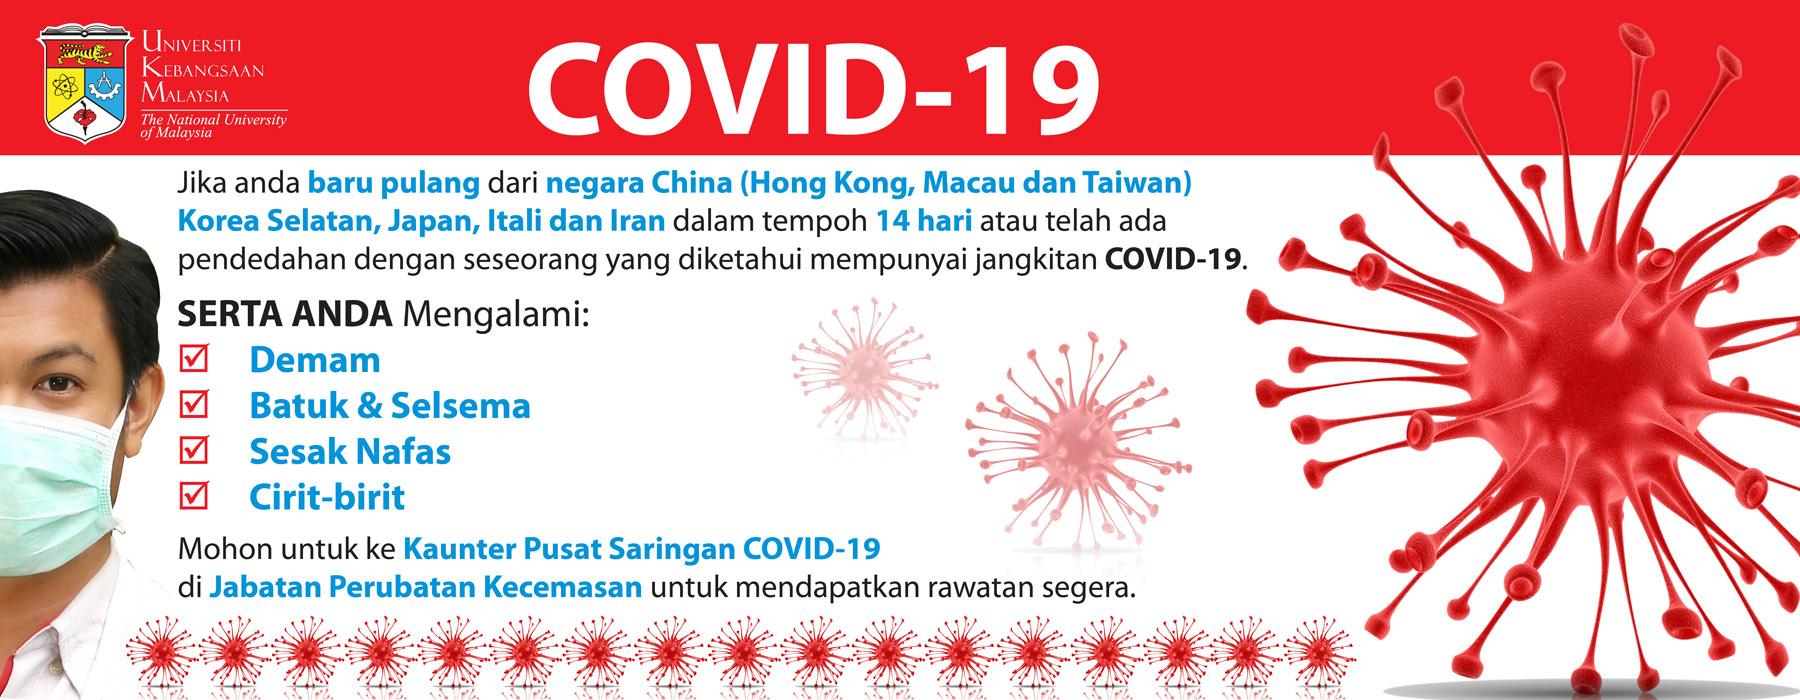 COVID -19